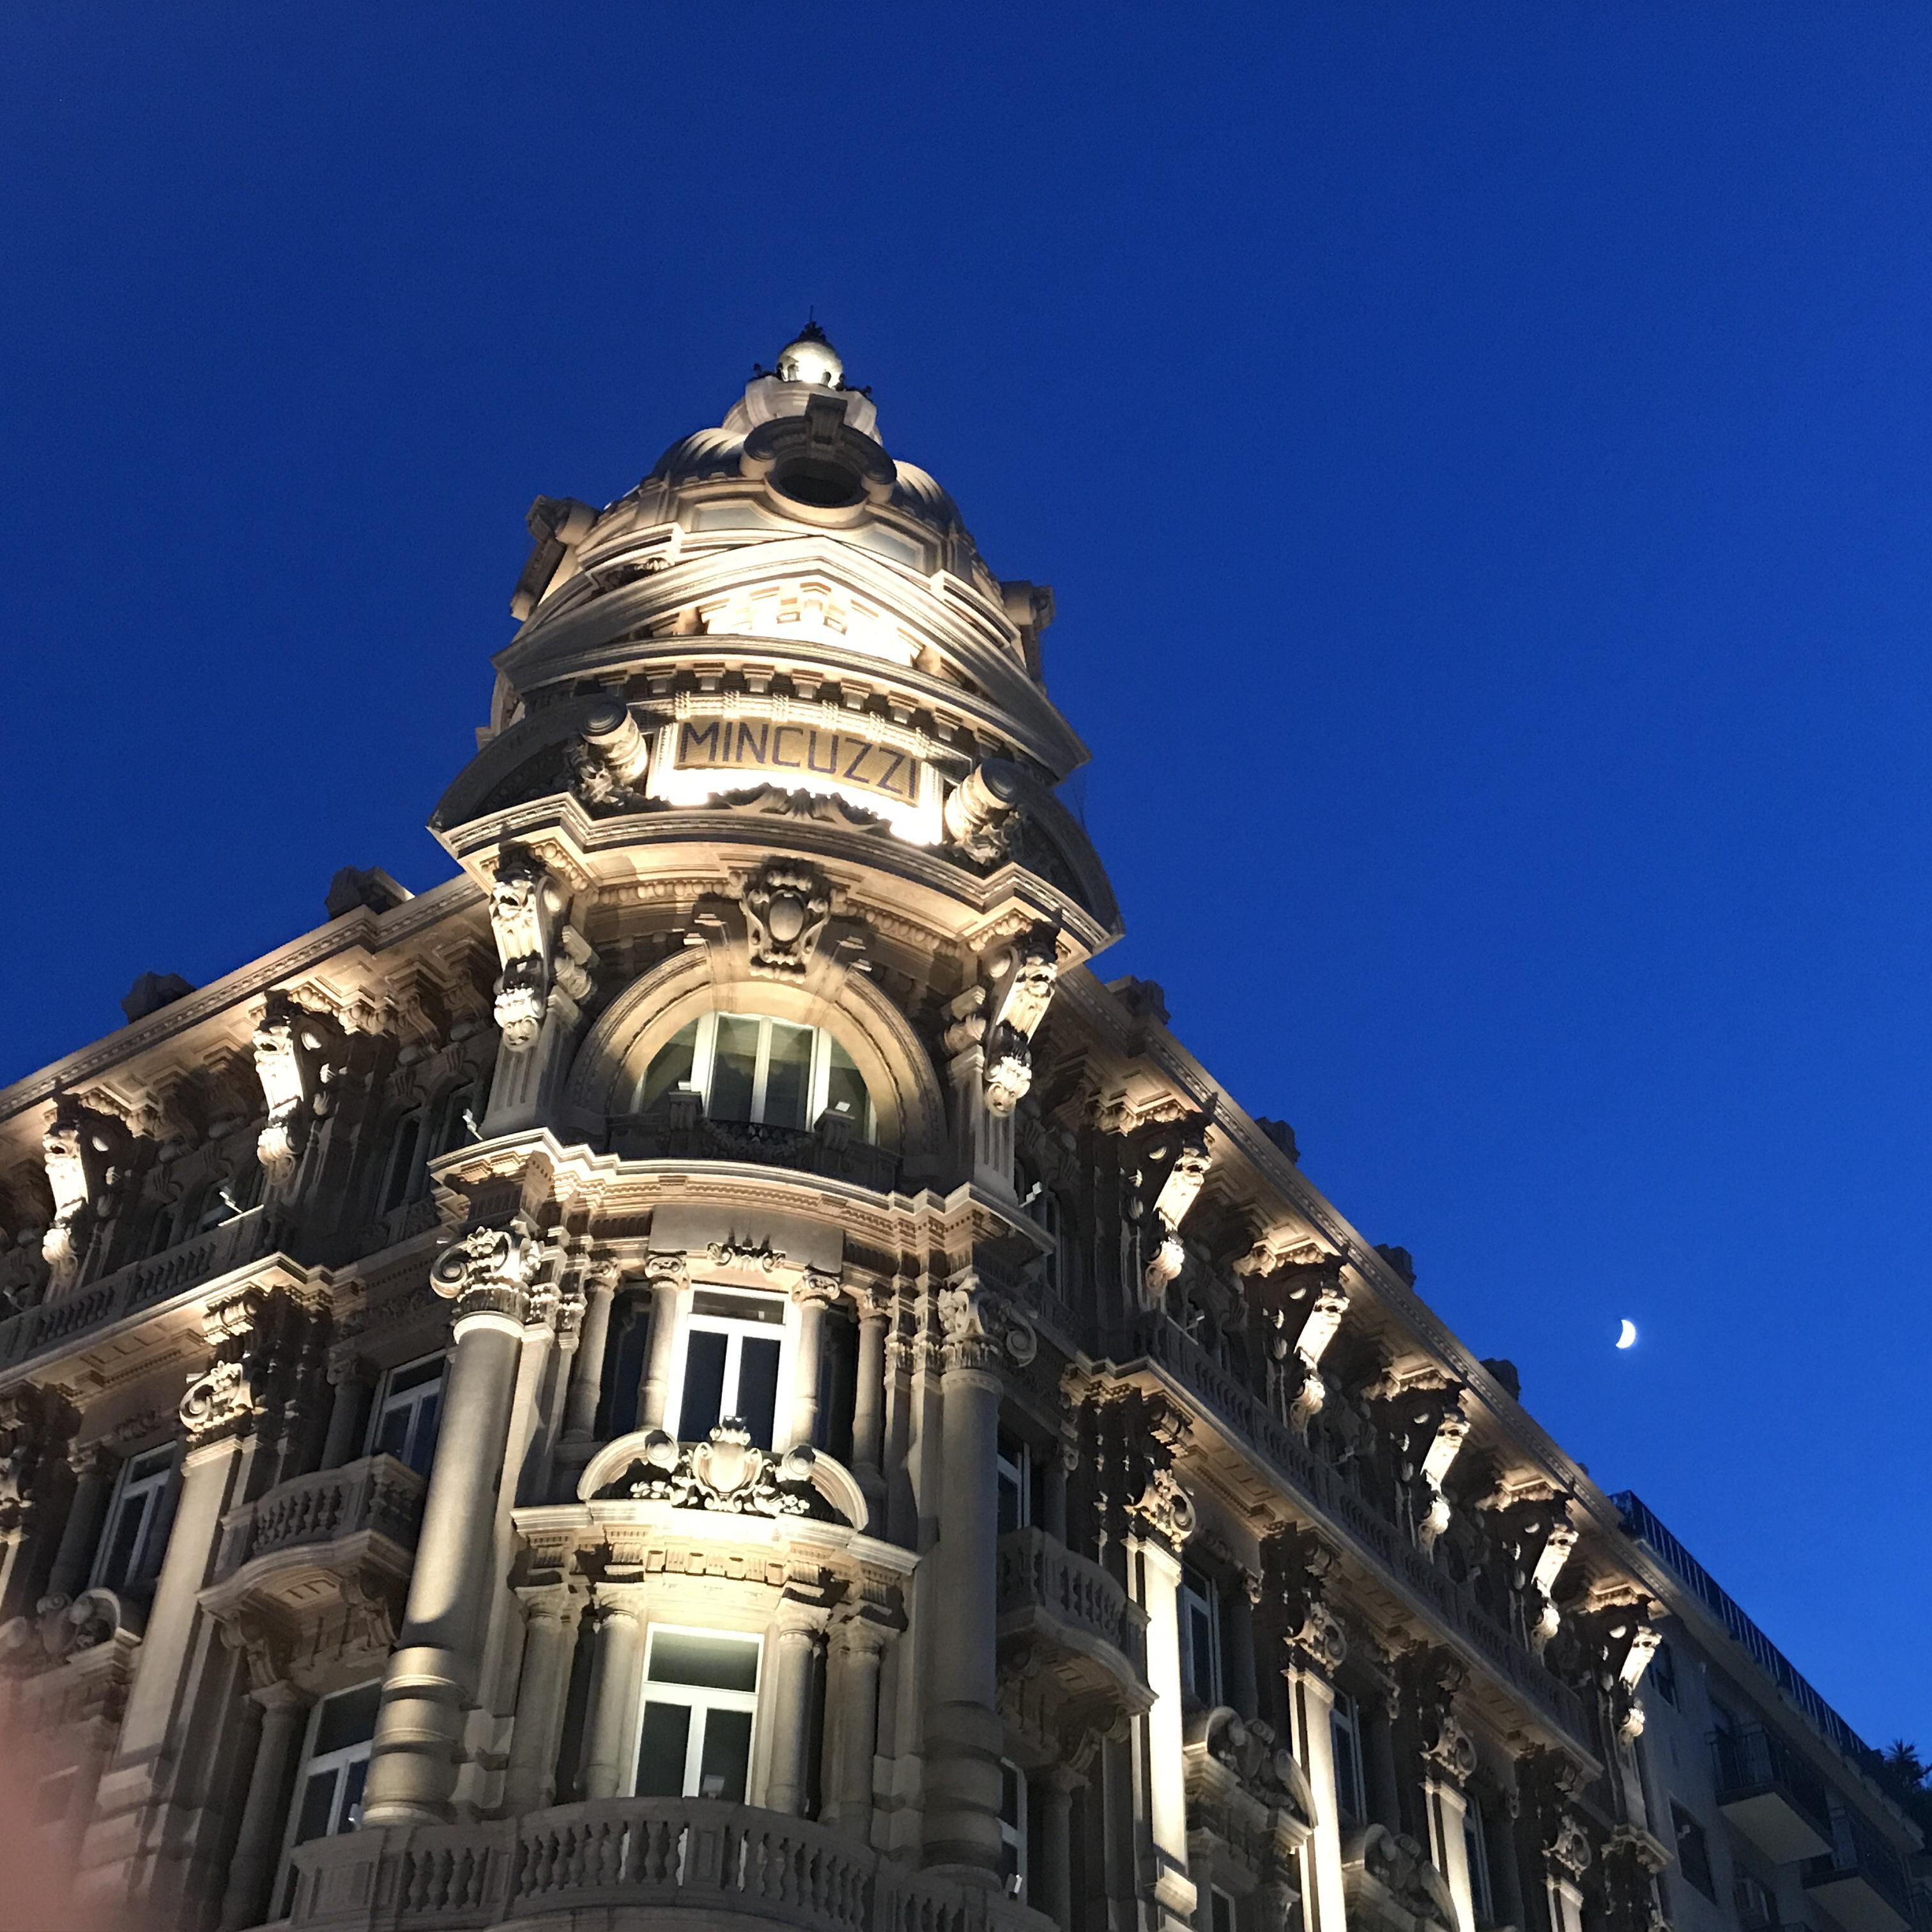 Palazzo Mincuzzi